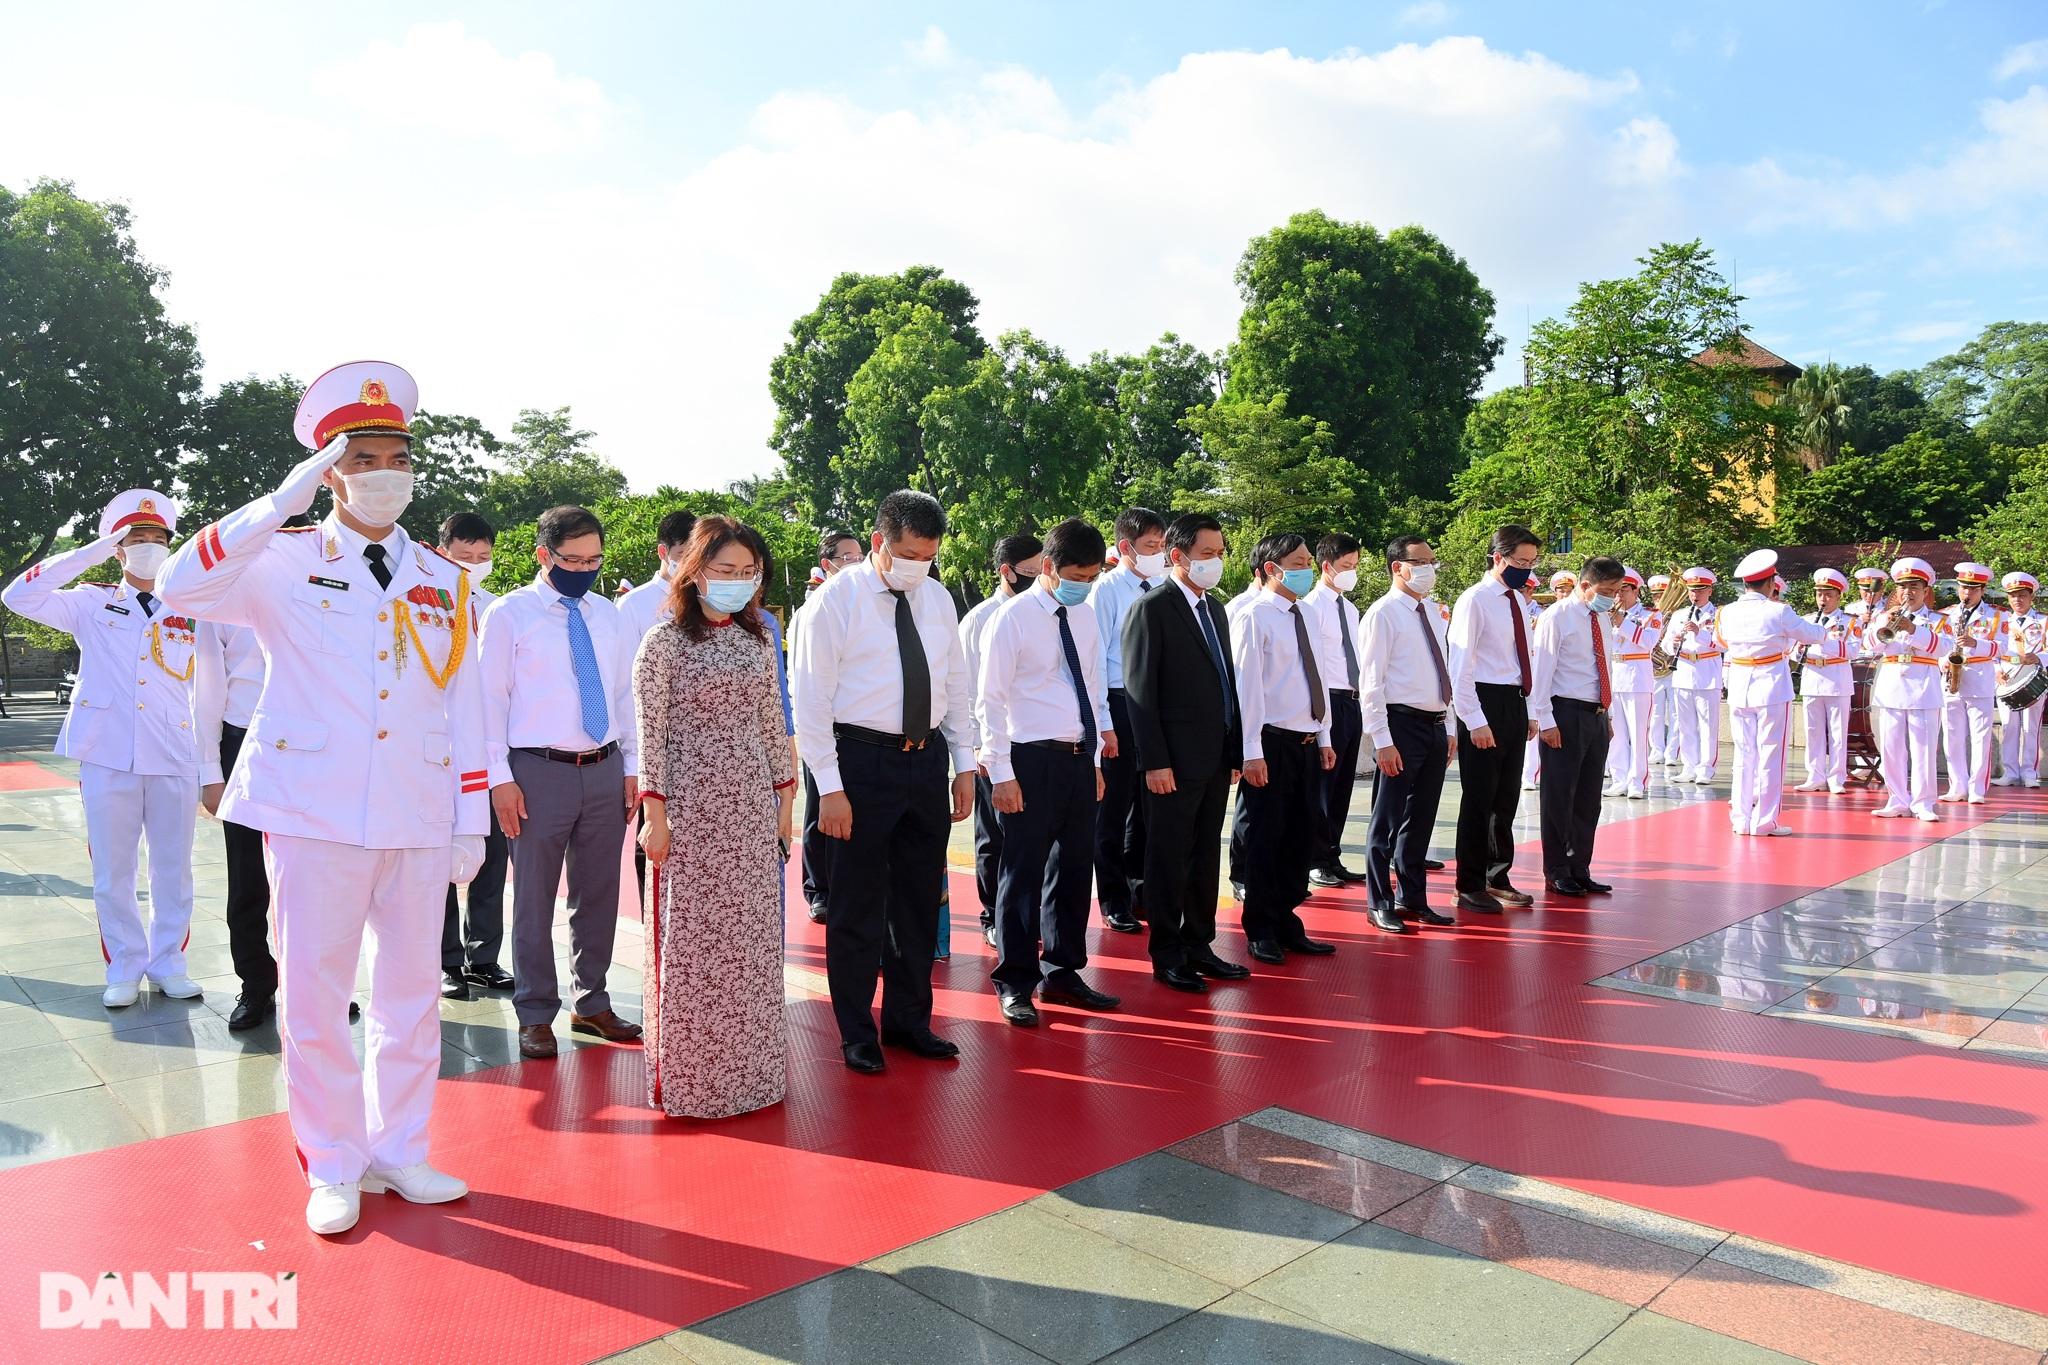 Lãnh đạo Đảng, Nhà nước đặt vòng hoa, tưởng niệm các Anh hùng liệt sĩ - 7